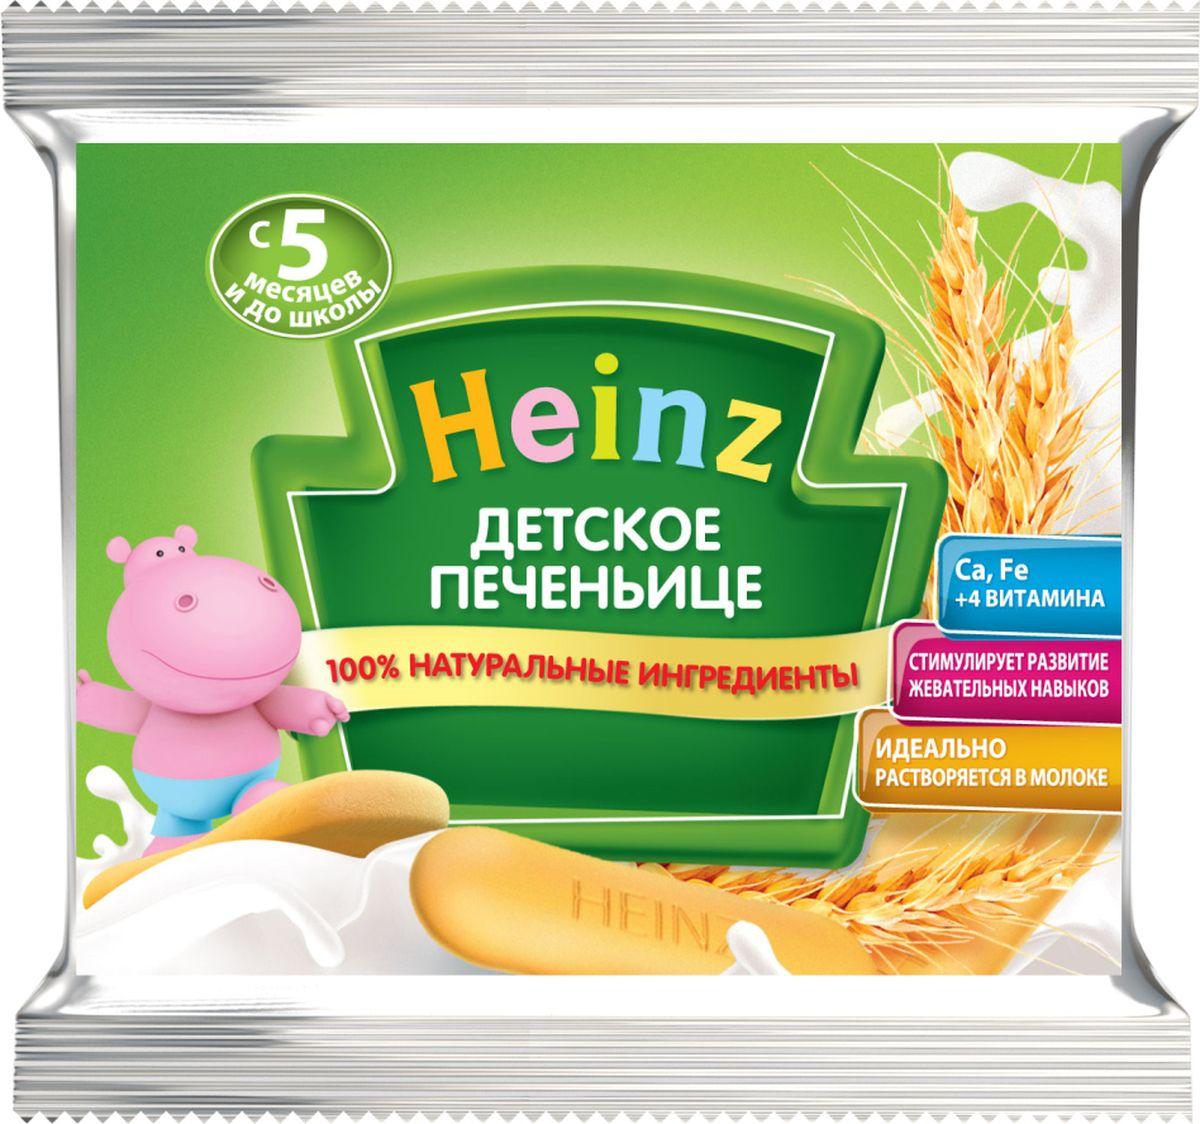 Heinz печеньице детское, с 5 месяцев, 60 г вурчестерширского соус в харькове heinz или ли и перринс